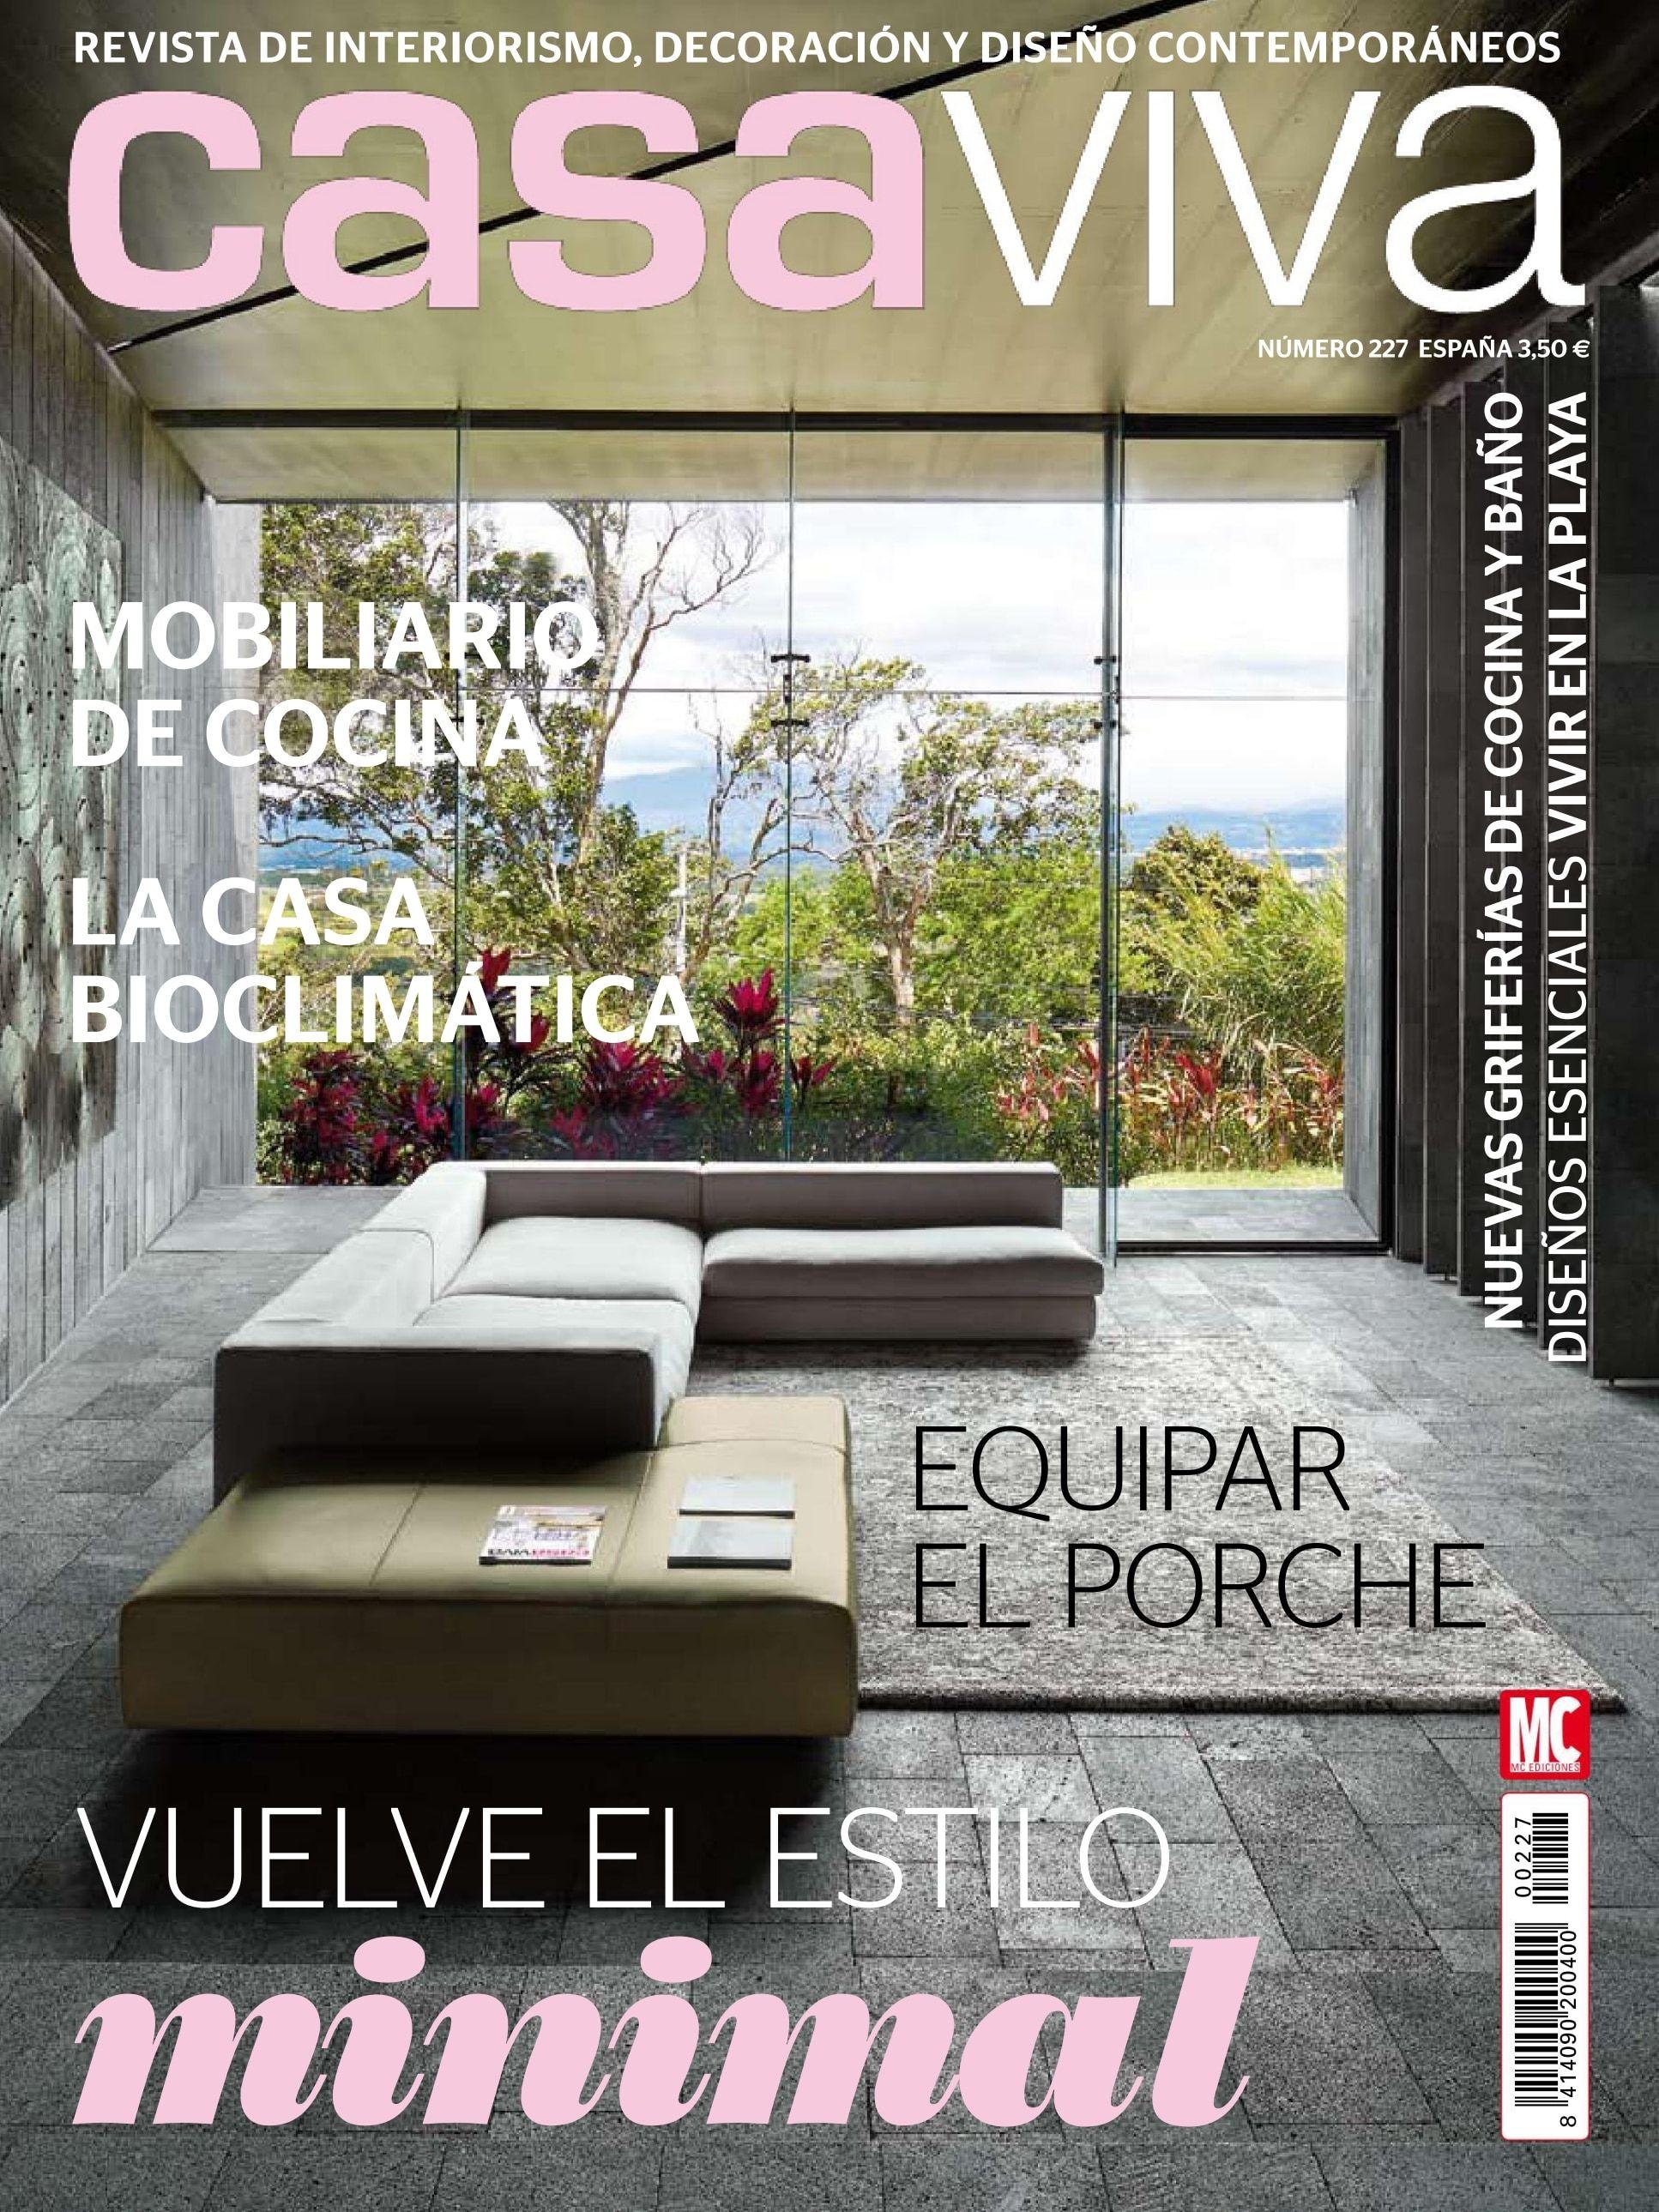 Revista Casa Viva 227 Vuelve El Estilo Minimal Mobiliario De  # Muebles Katrina